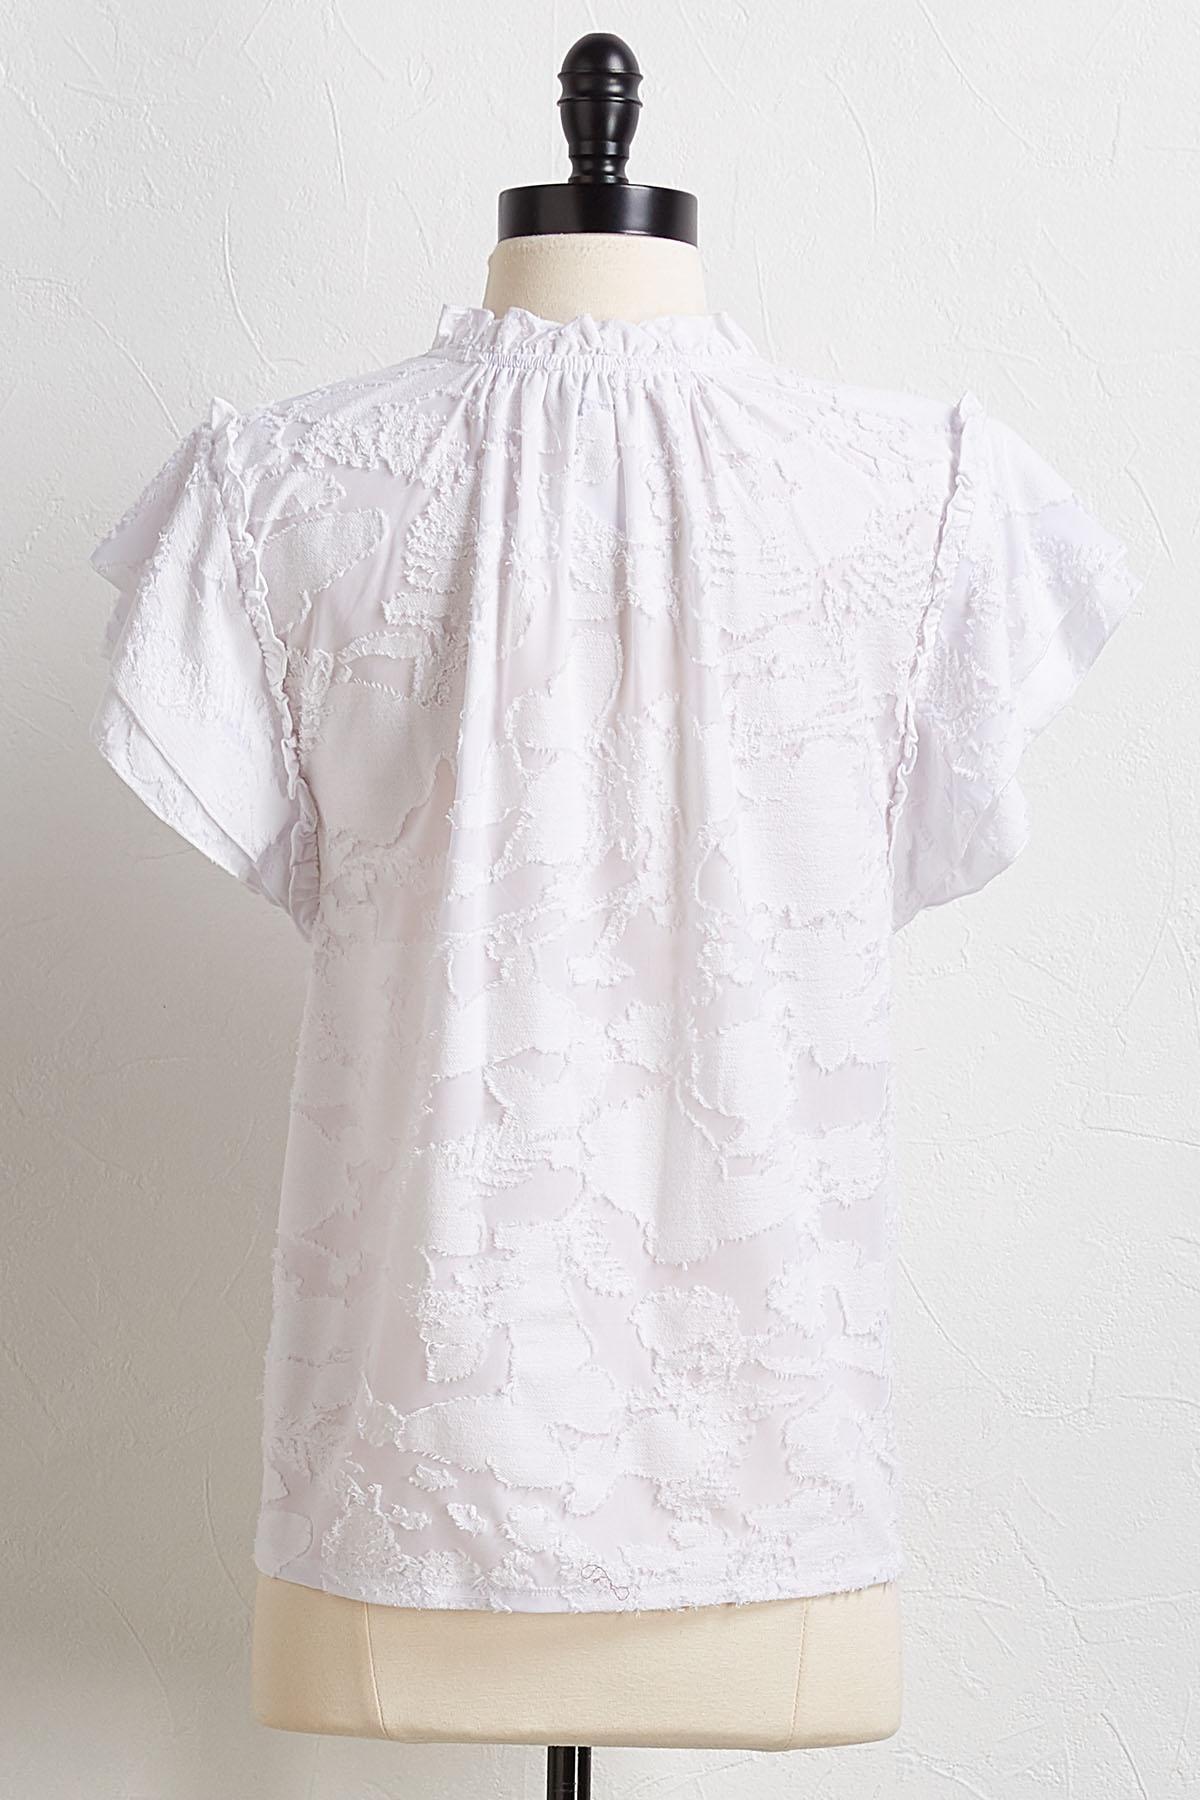 Textured Flutter Sleeve Top